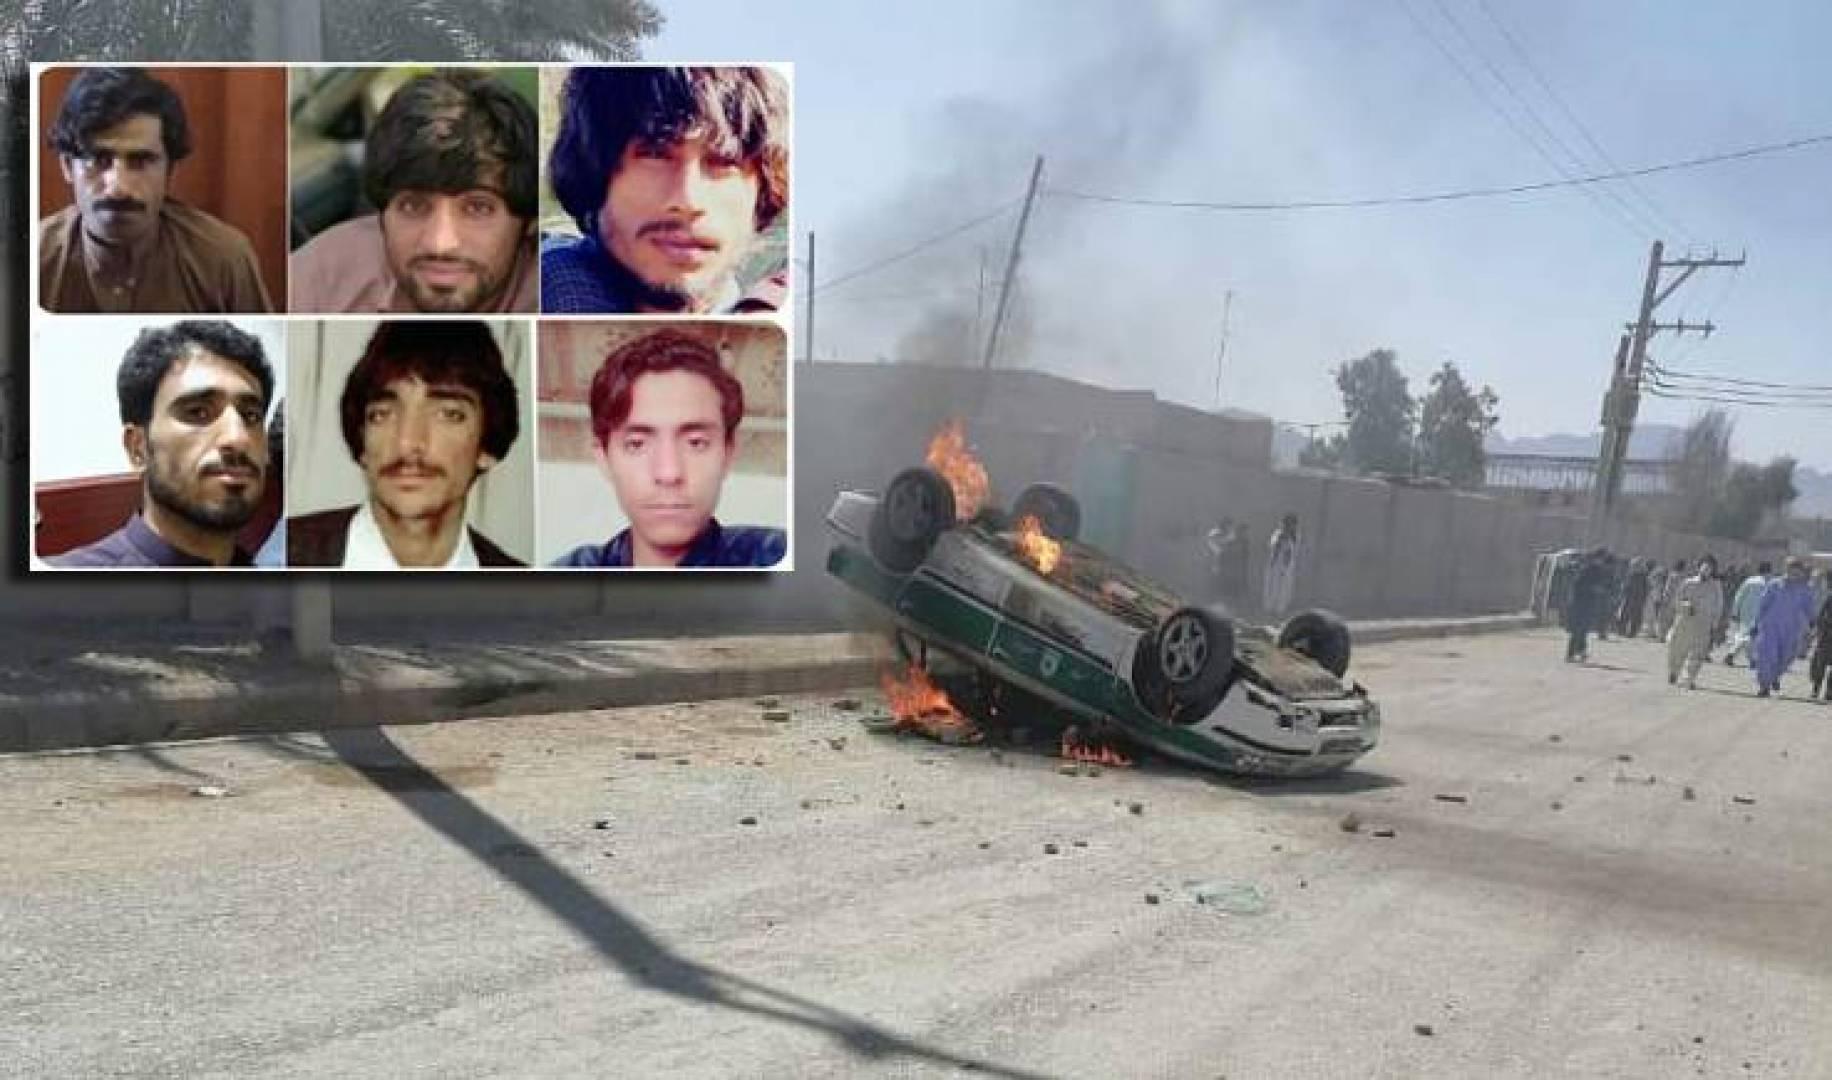 حرق سيارات الشرطة.. وفي الإطار صور بعض الأشخاص الذين قتلتهم قوات الأمن الإيرانية